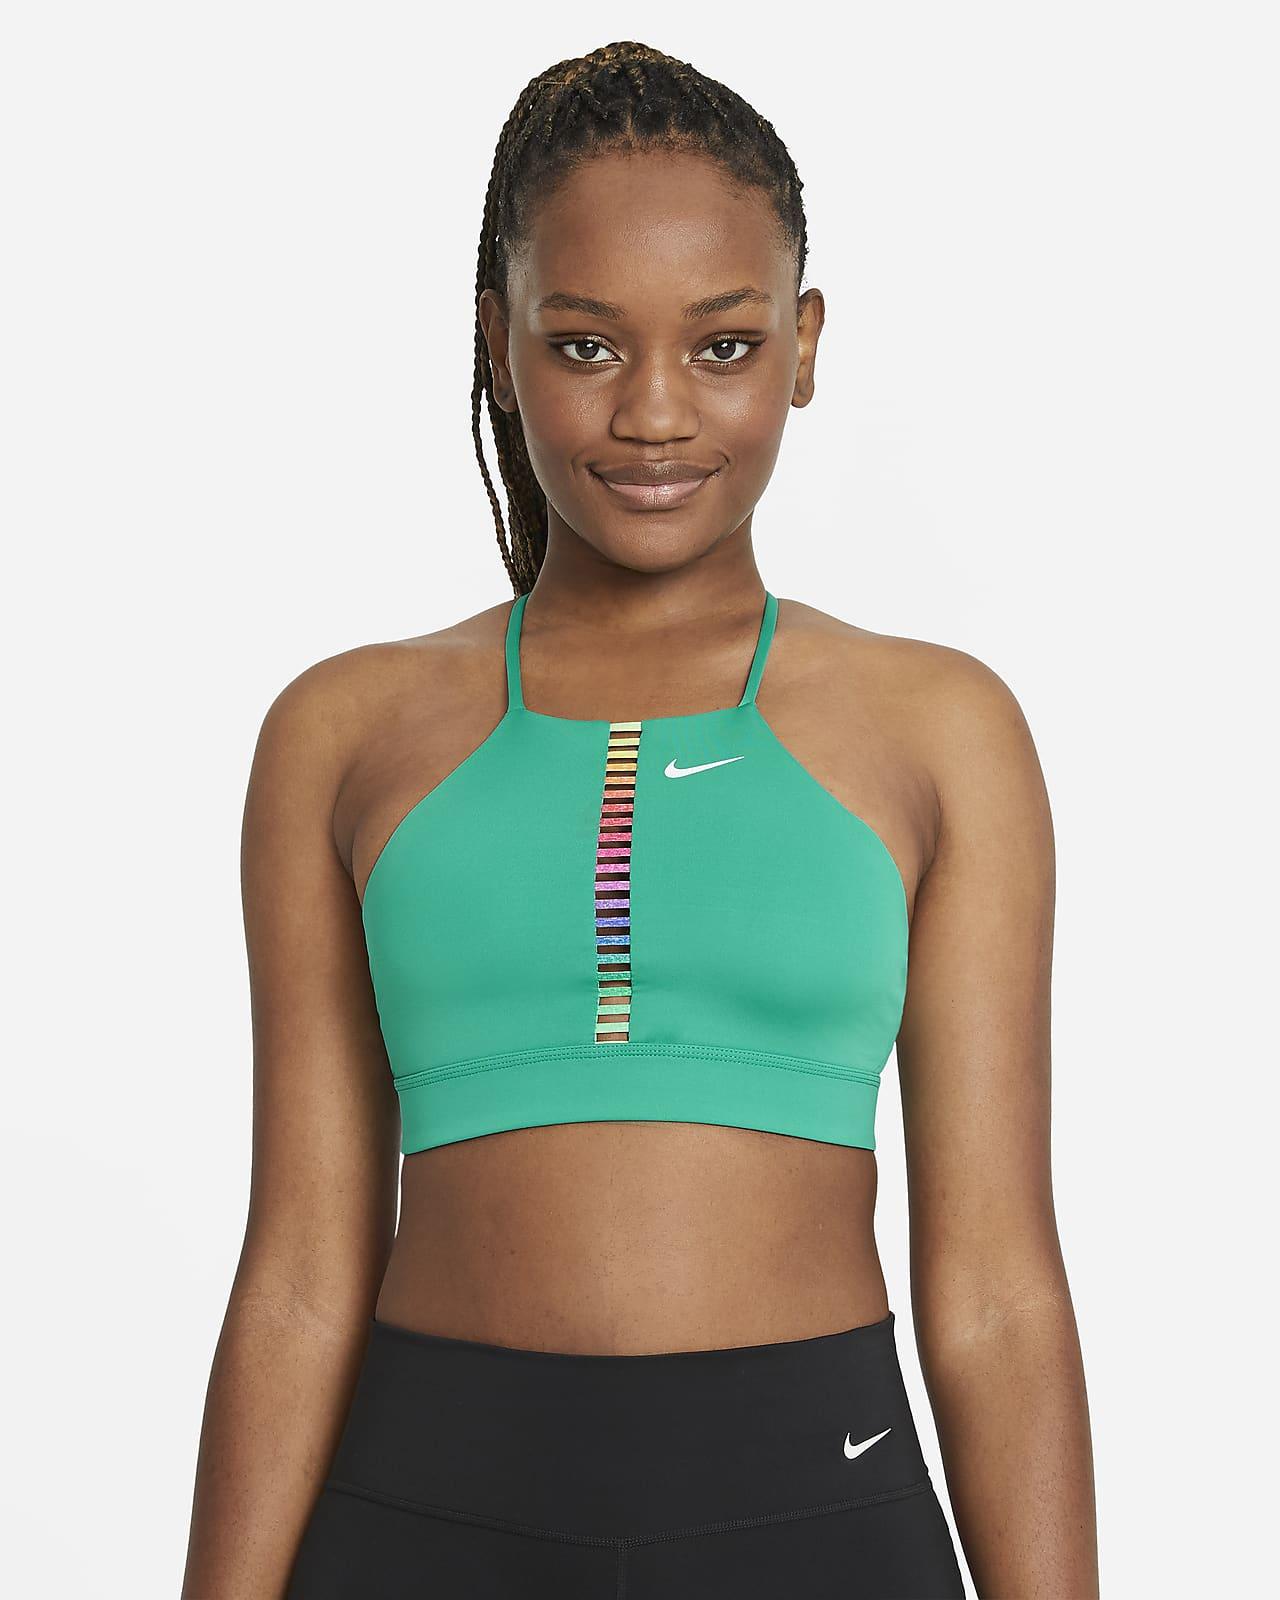 Bra deportivo de baja sujeción acolchado con cuello alto para mujer Nike Dri-FIT Indy Rainbow Ladder